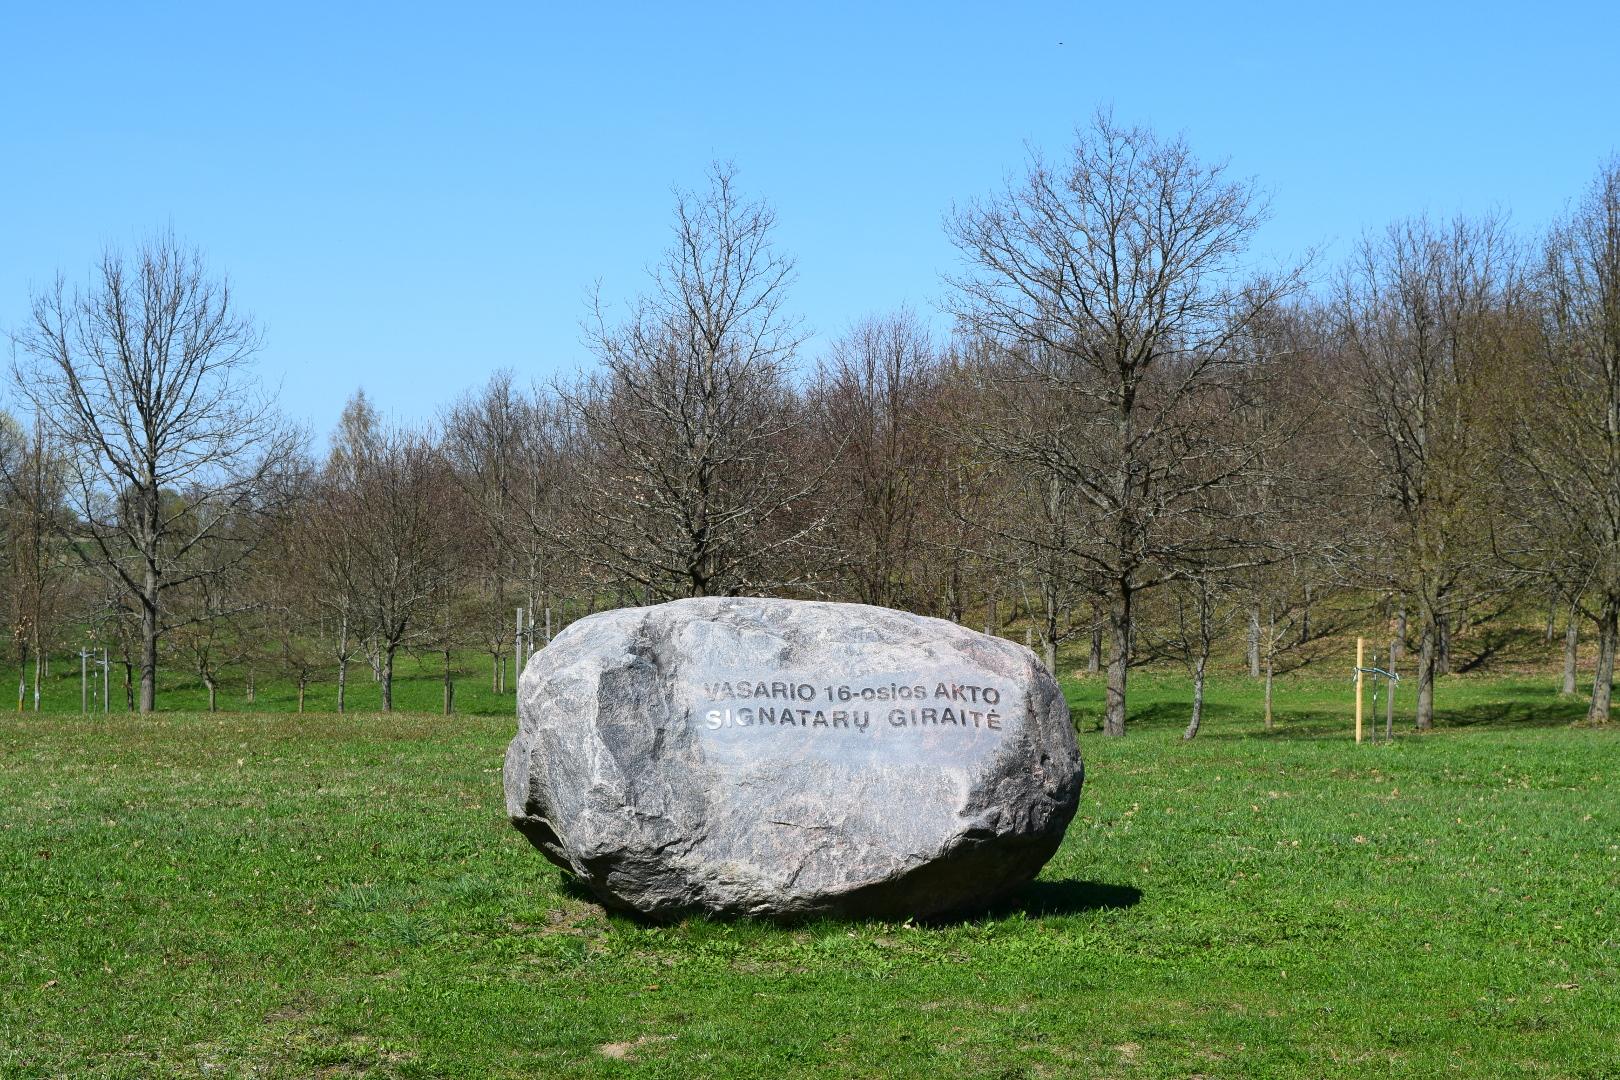 Vasario 16-osios Akto signatarų giraitę ženklinantis granito riedulys | lnm.lt nuotr.